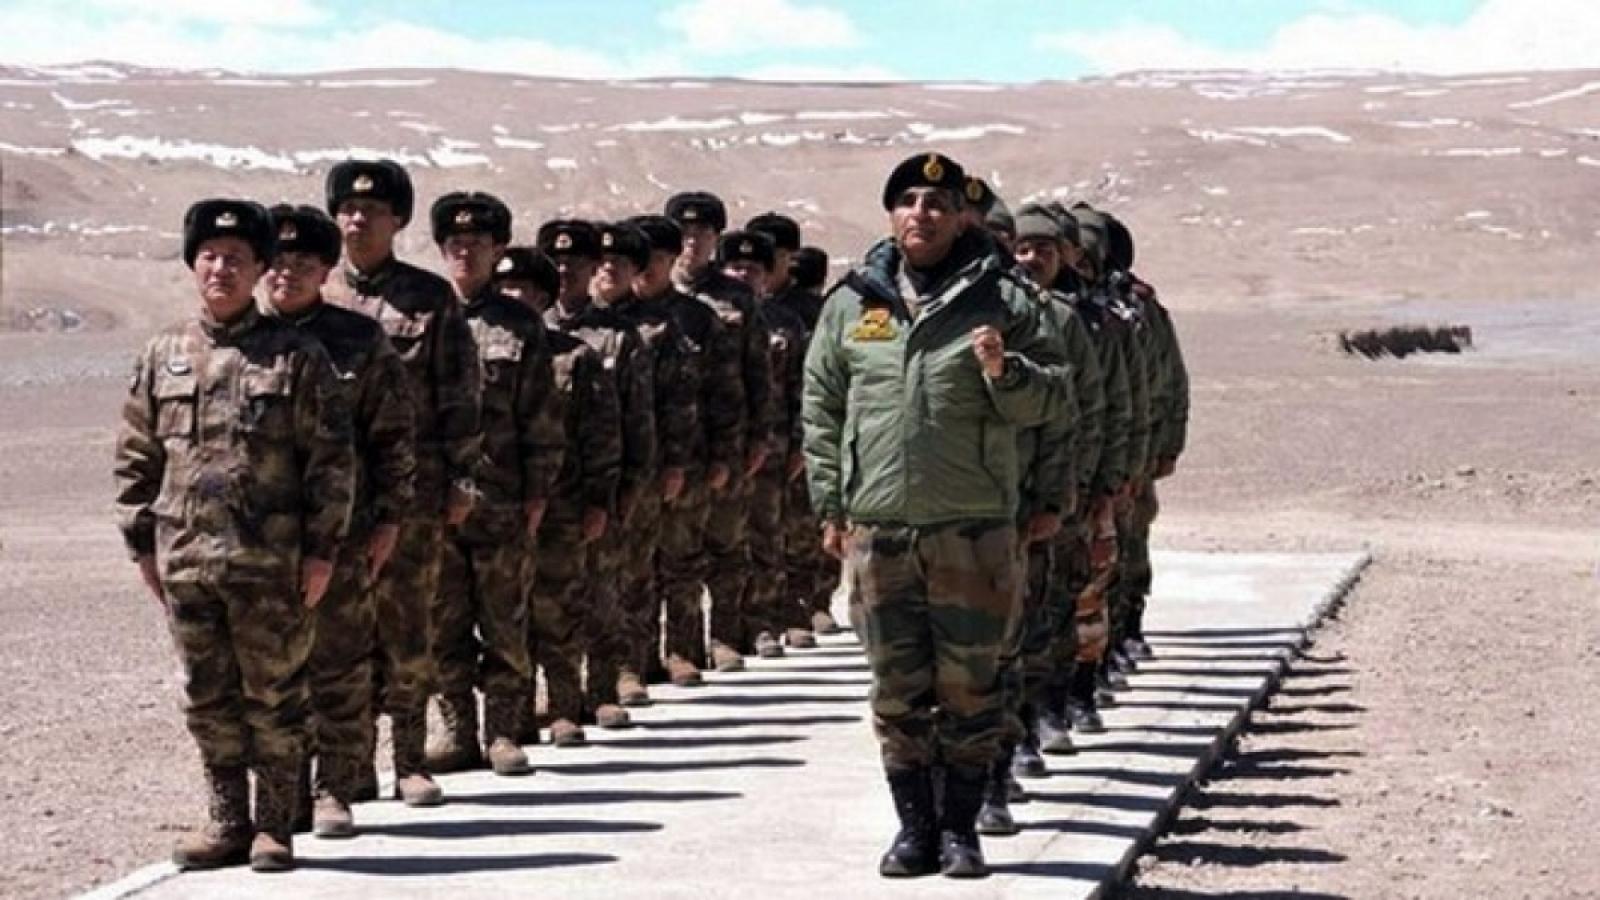 Quân đội Ấn Độ, Trung Quốc có thể tiếp tục đàm phán trong tuần này